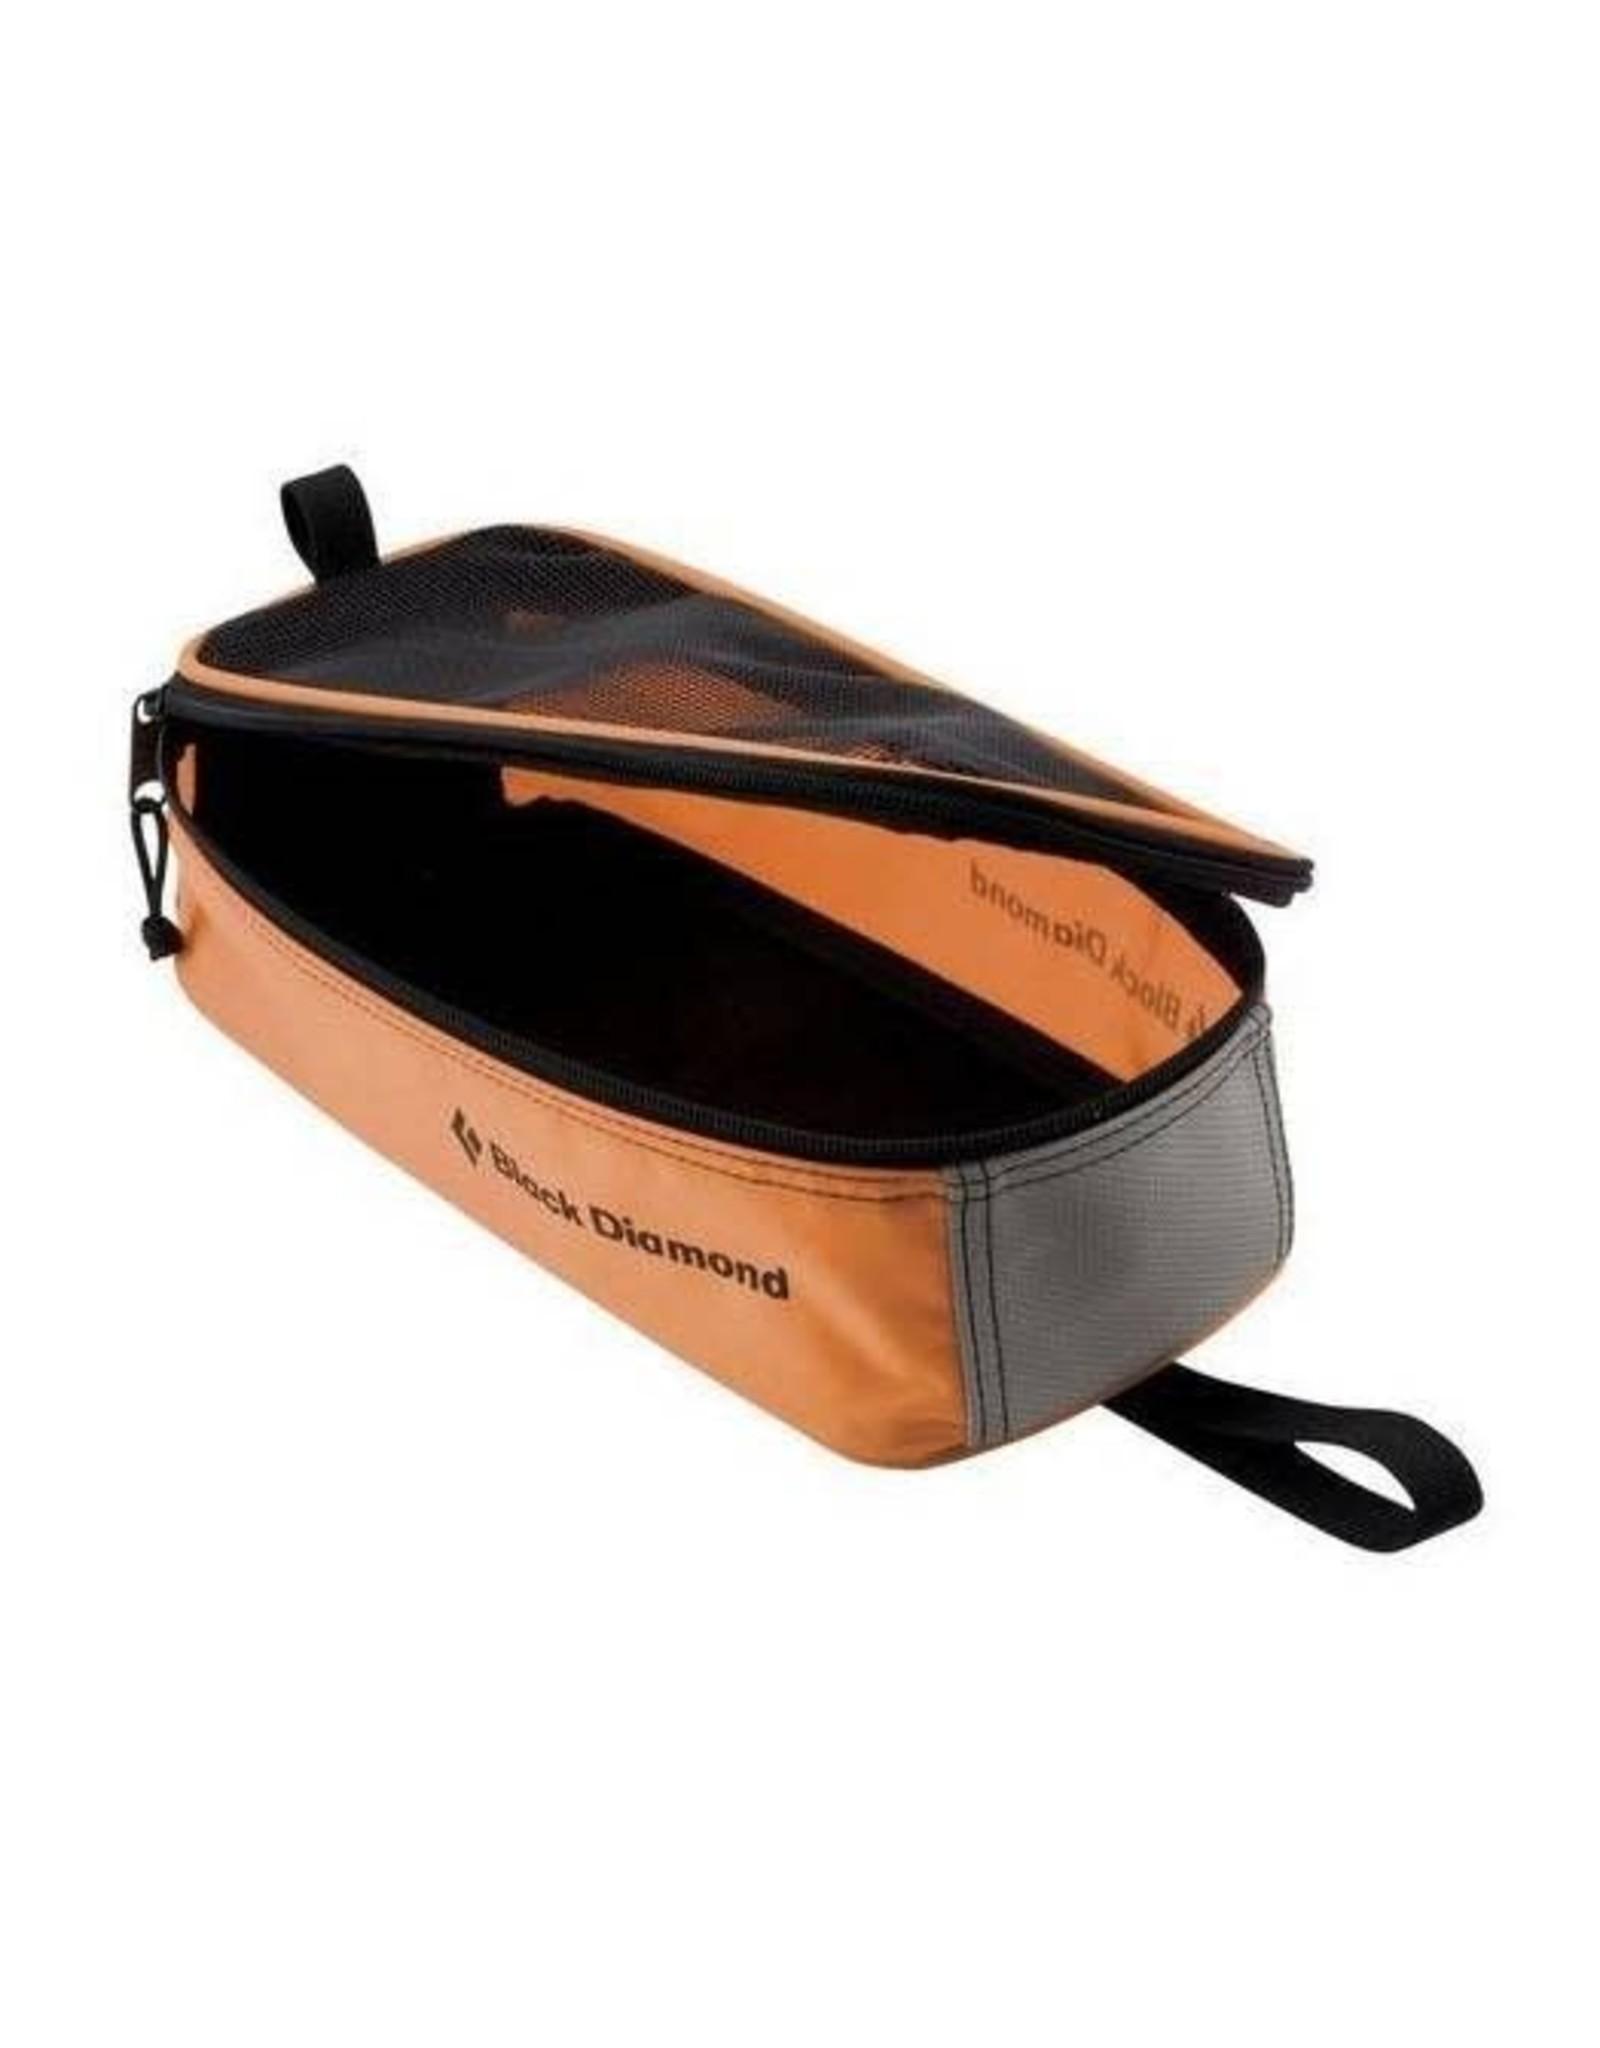 Black Diamond Black Diamond Crampon Bag